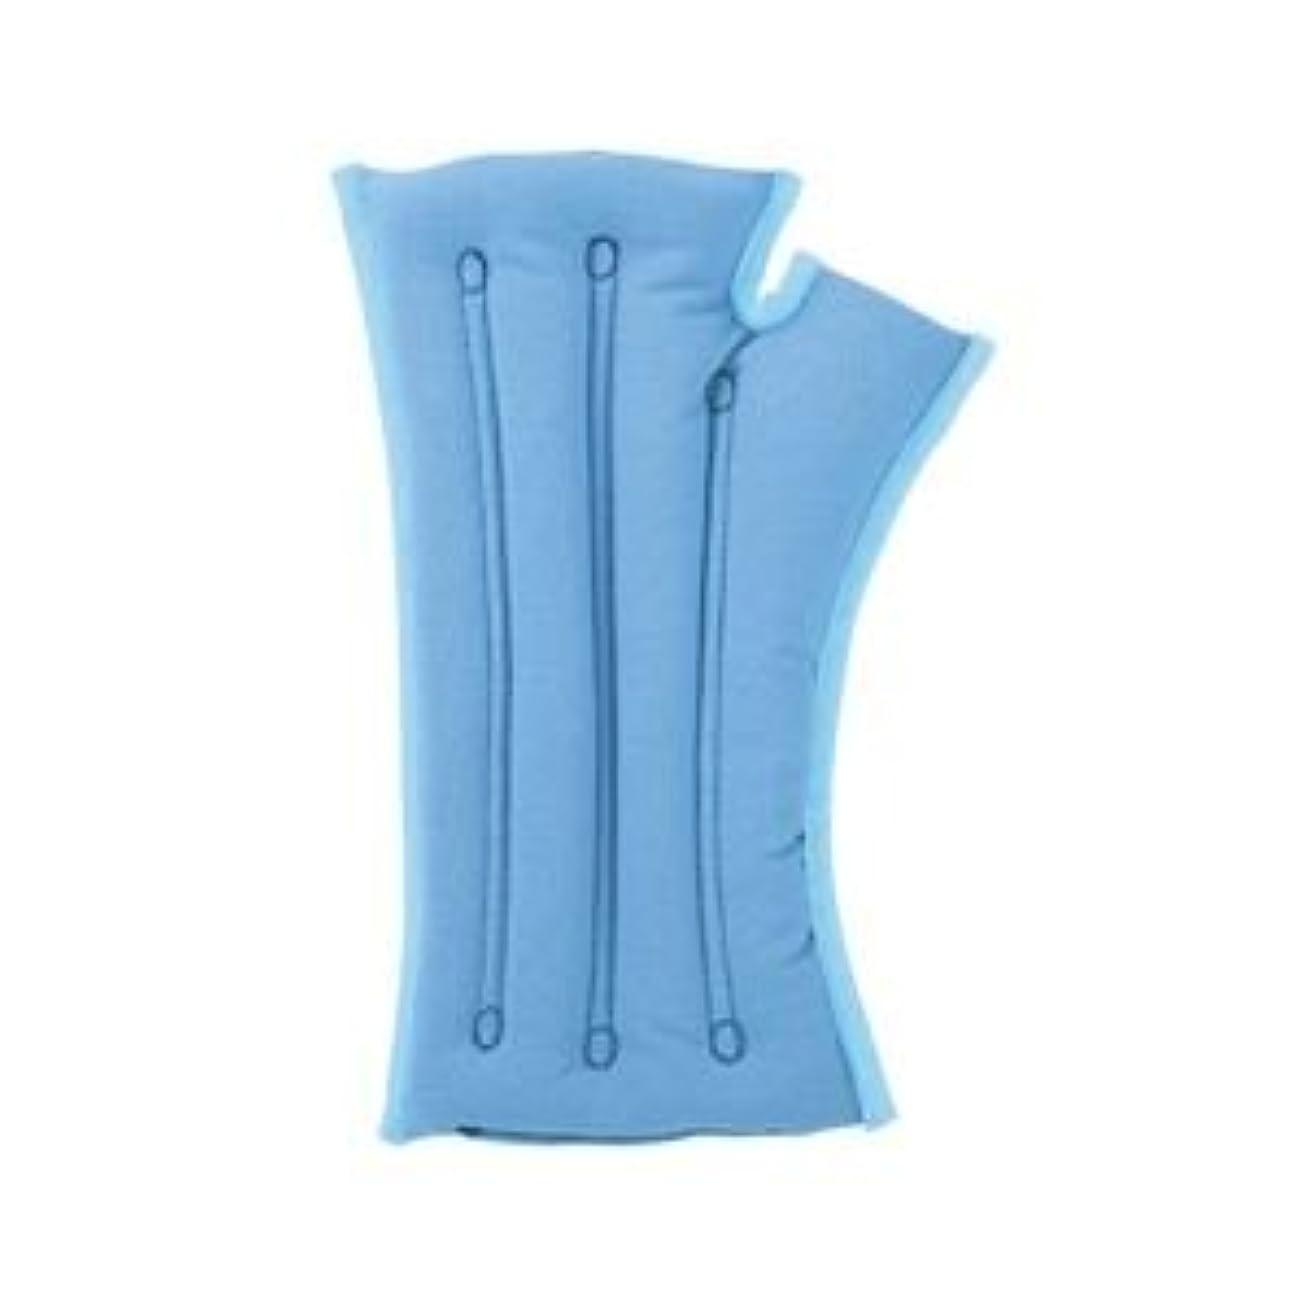 祝うリテラシー患者musshu(ムッシュ) 手首枕 サクラ咲く手首まくら(両手用) ブルー Lサイズ